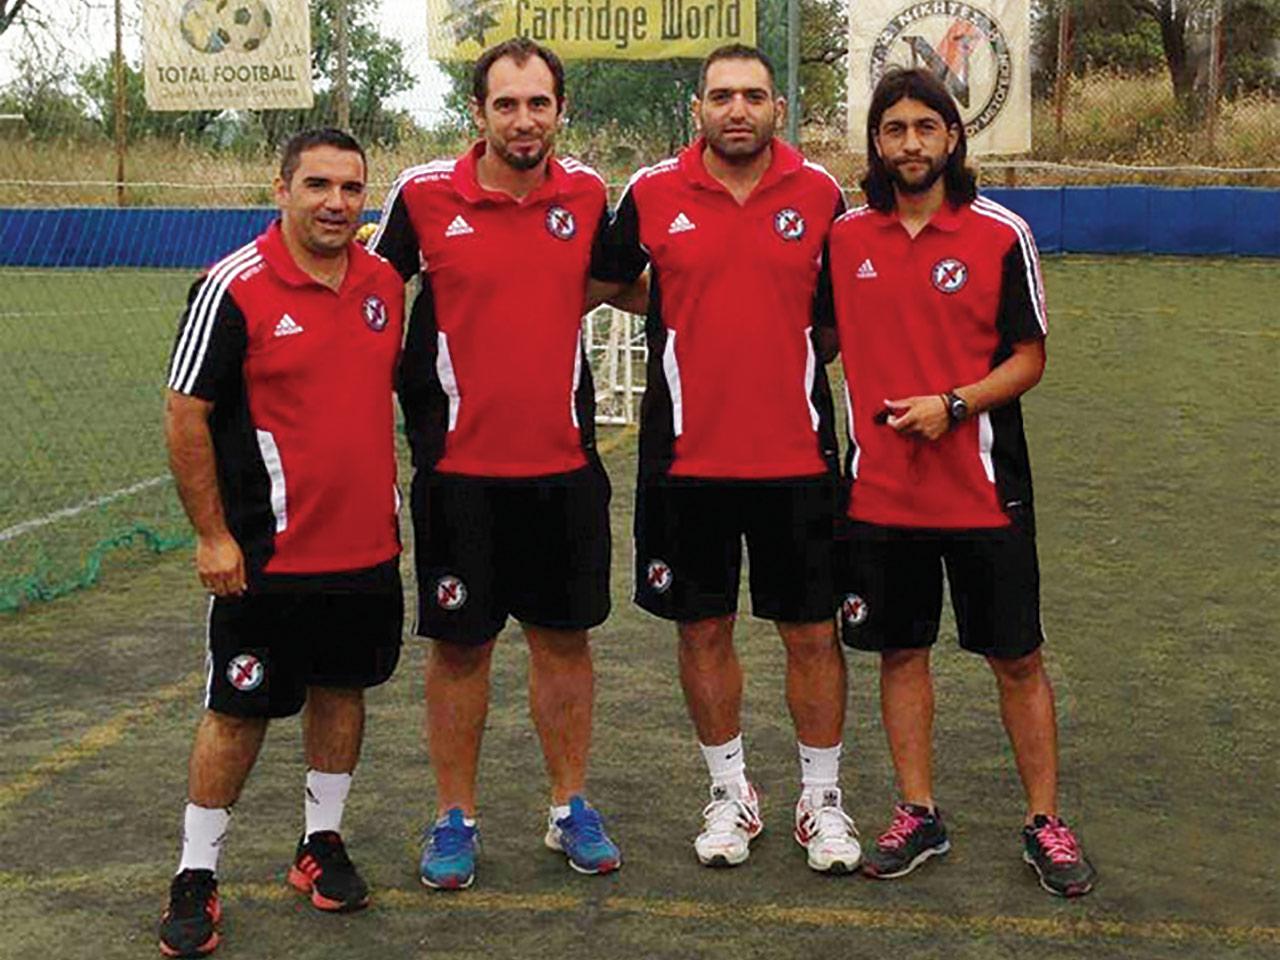 Προπονητές Νικητές FC - Καλλιεργούμε τη νοοτροπία του Νικητή - Γέρακας, Παλλήνη